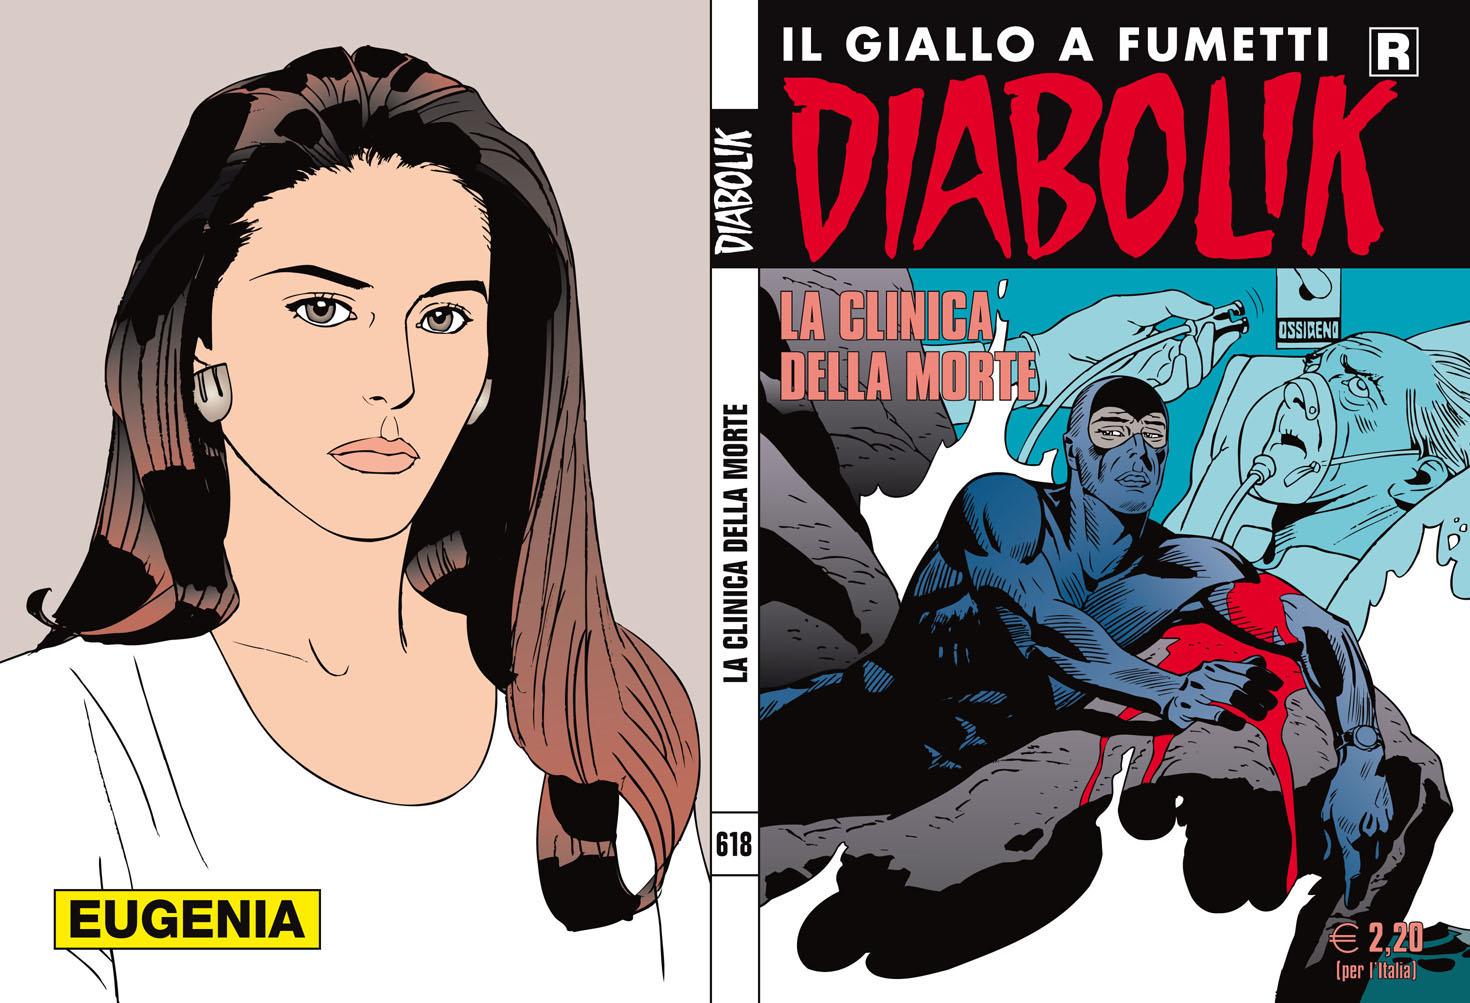 Diabolik-Ristampa-La-Clinica-della-Morte_R 618-1998